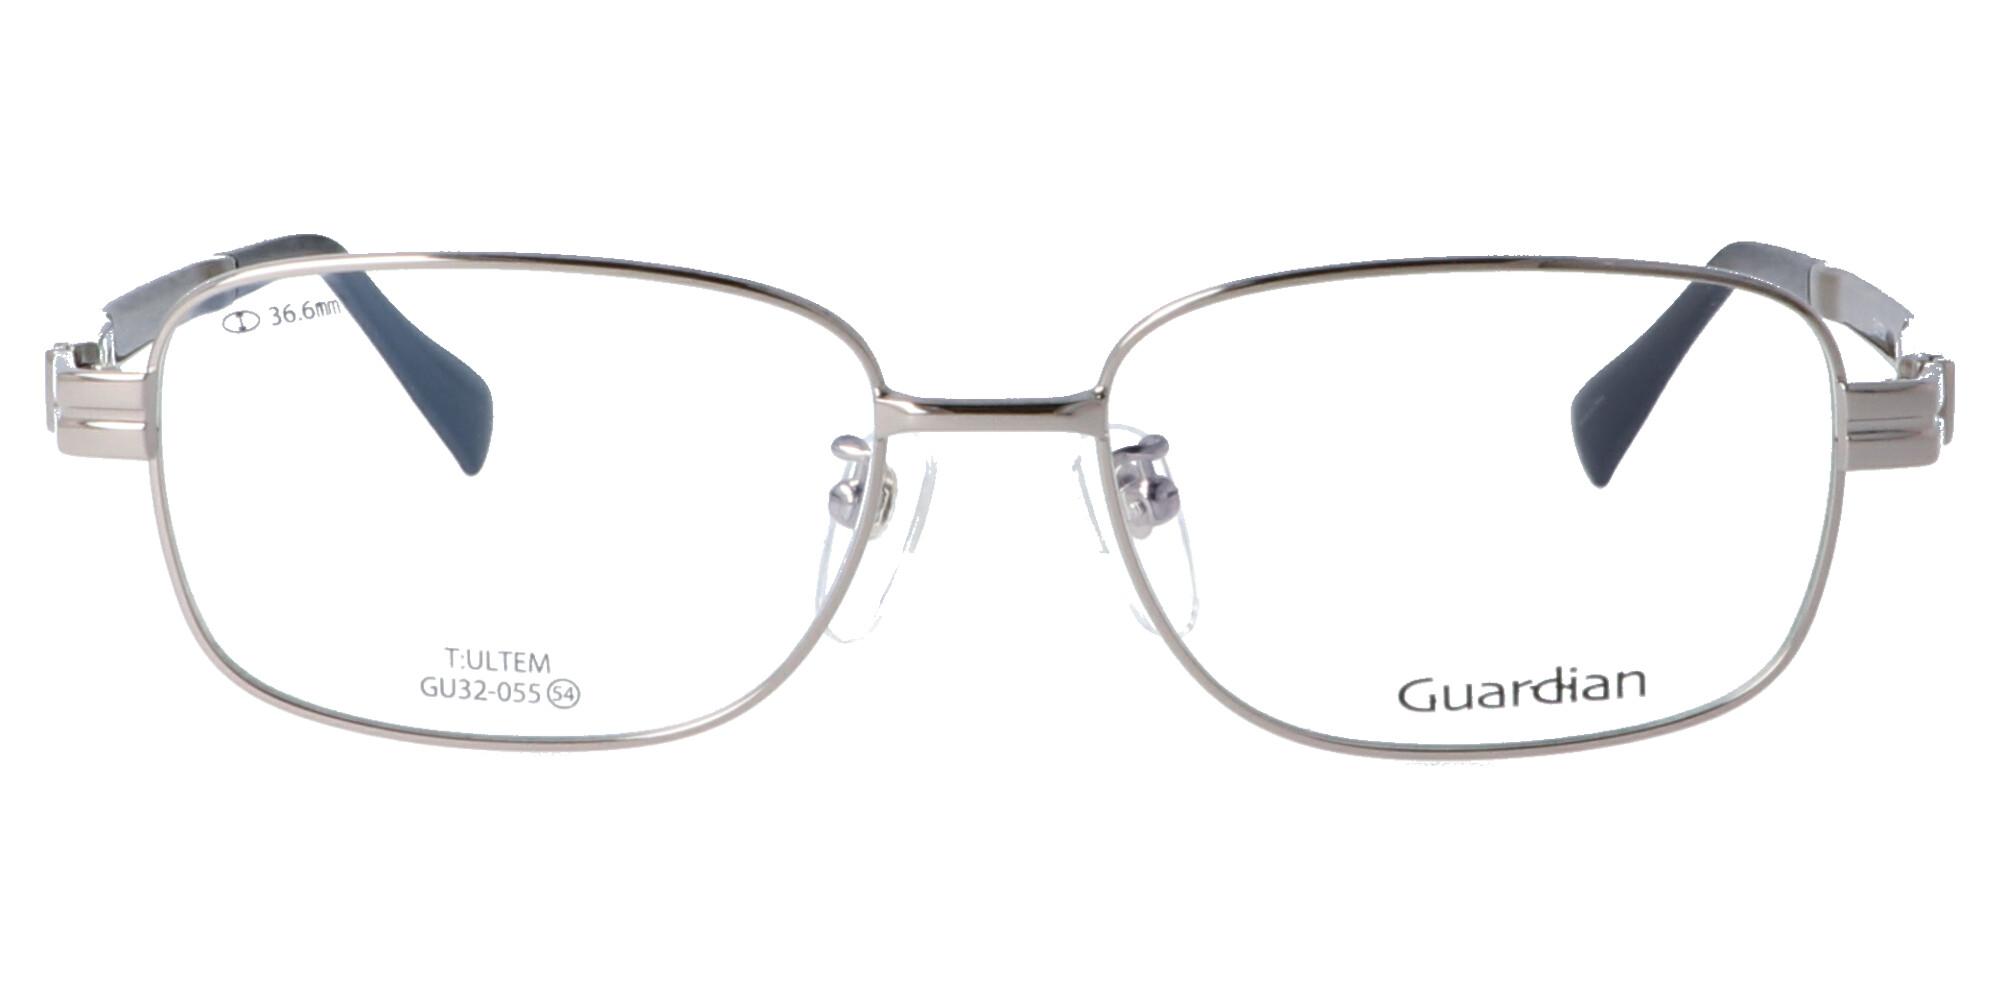 ガーディアン GU32-055_54_シルバーグレー